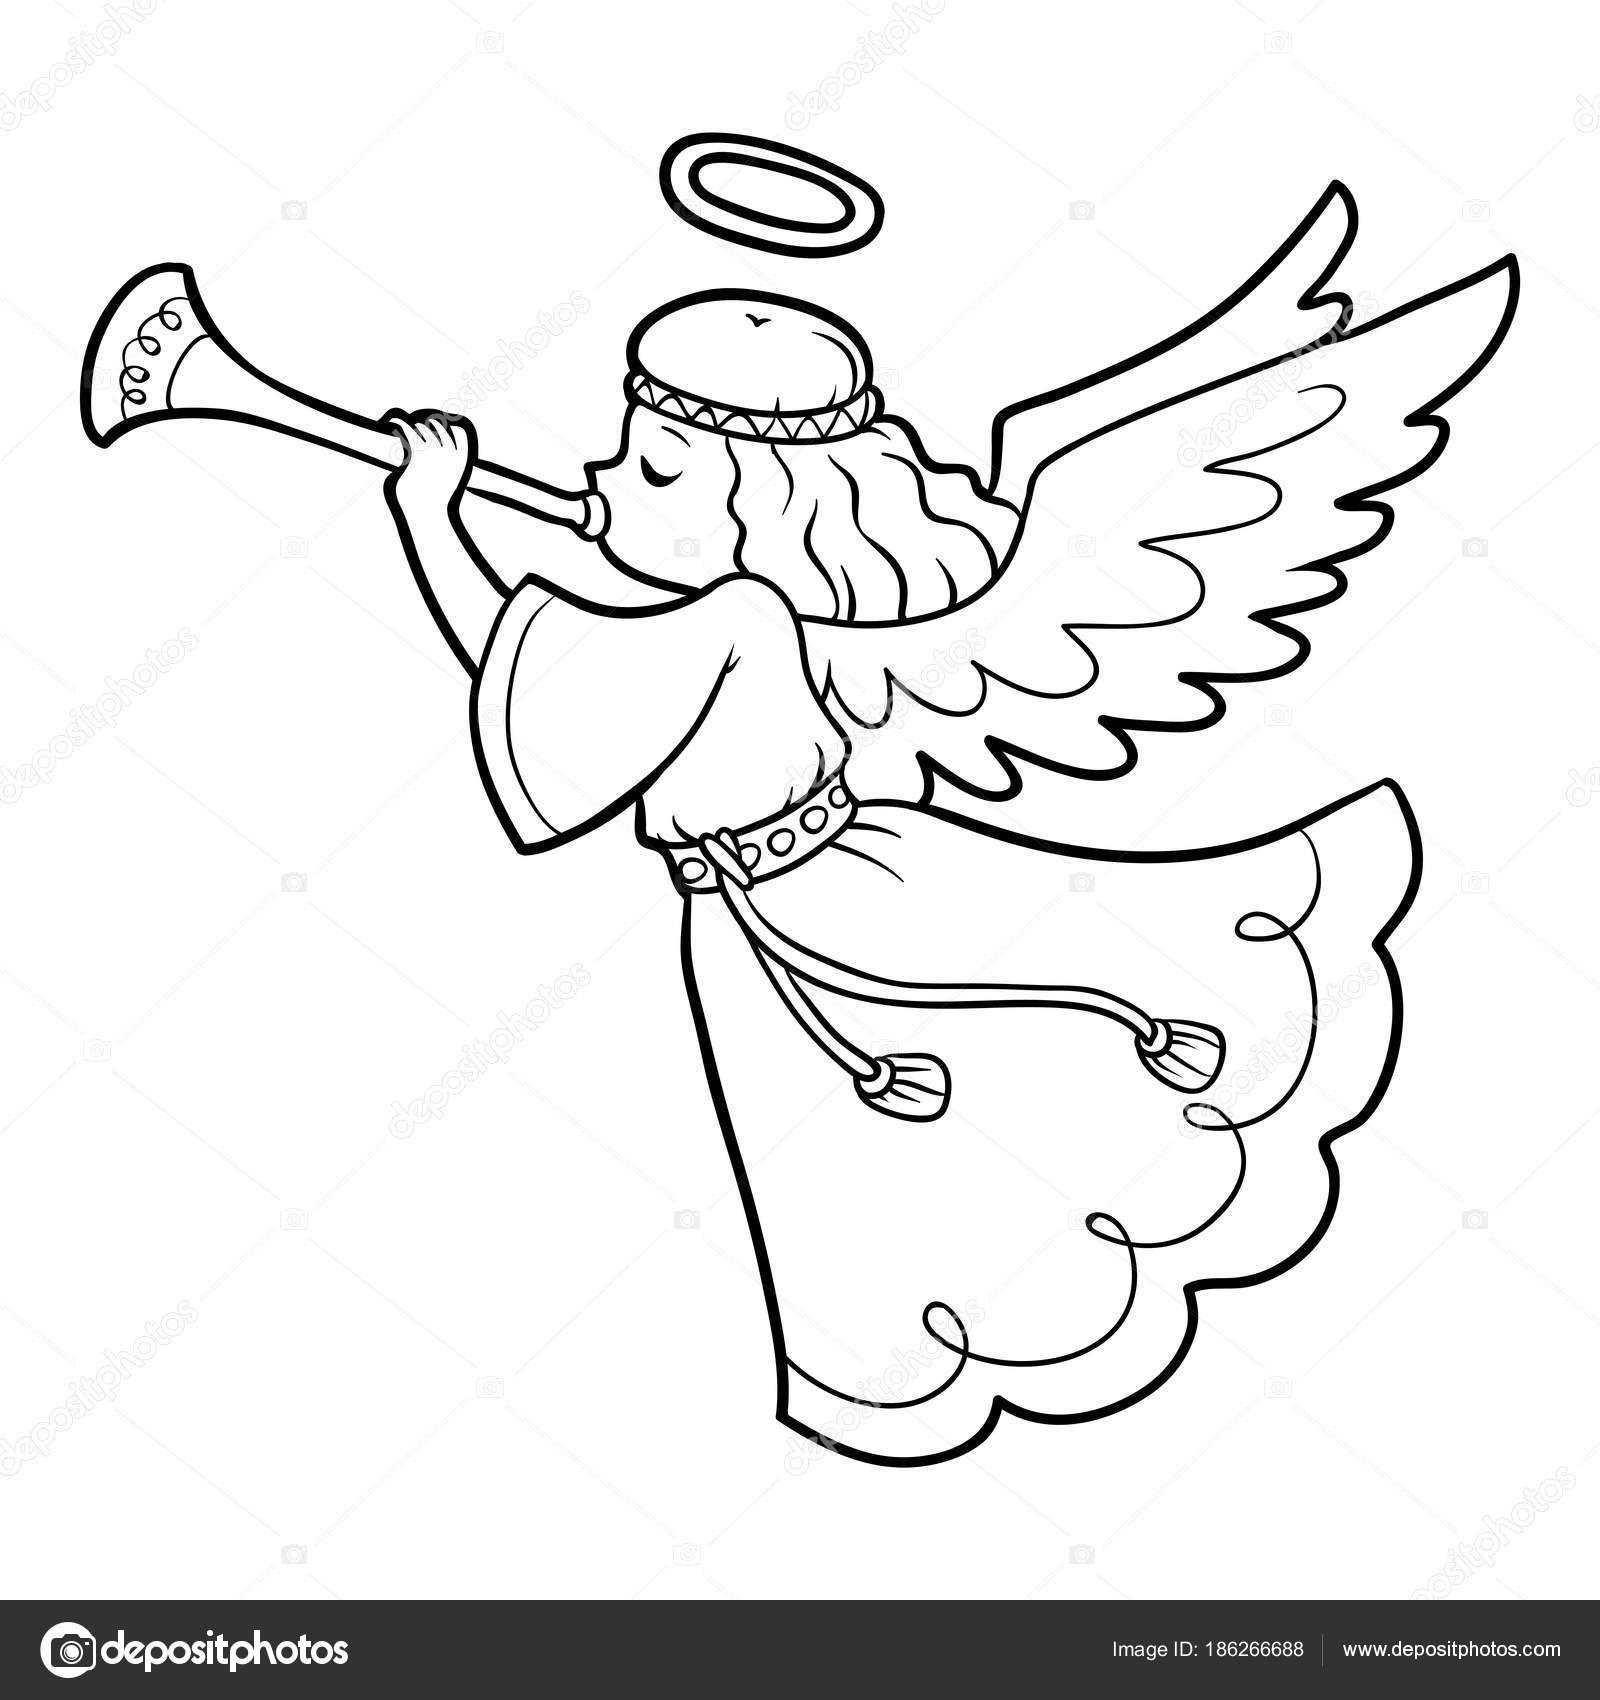 Скачати Книжкарозмальовка для дітей, ангел — стокова